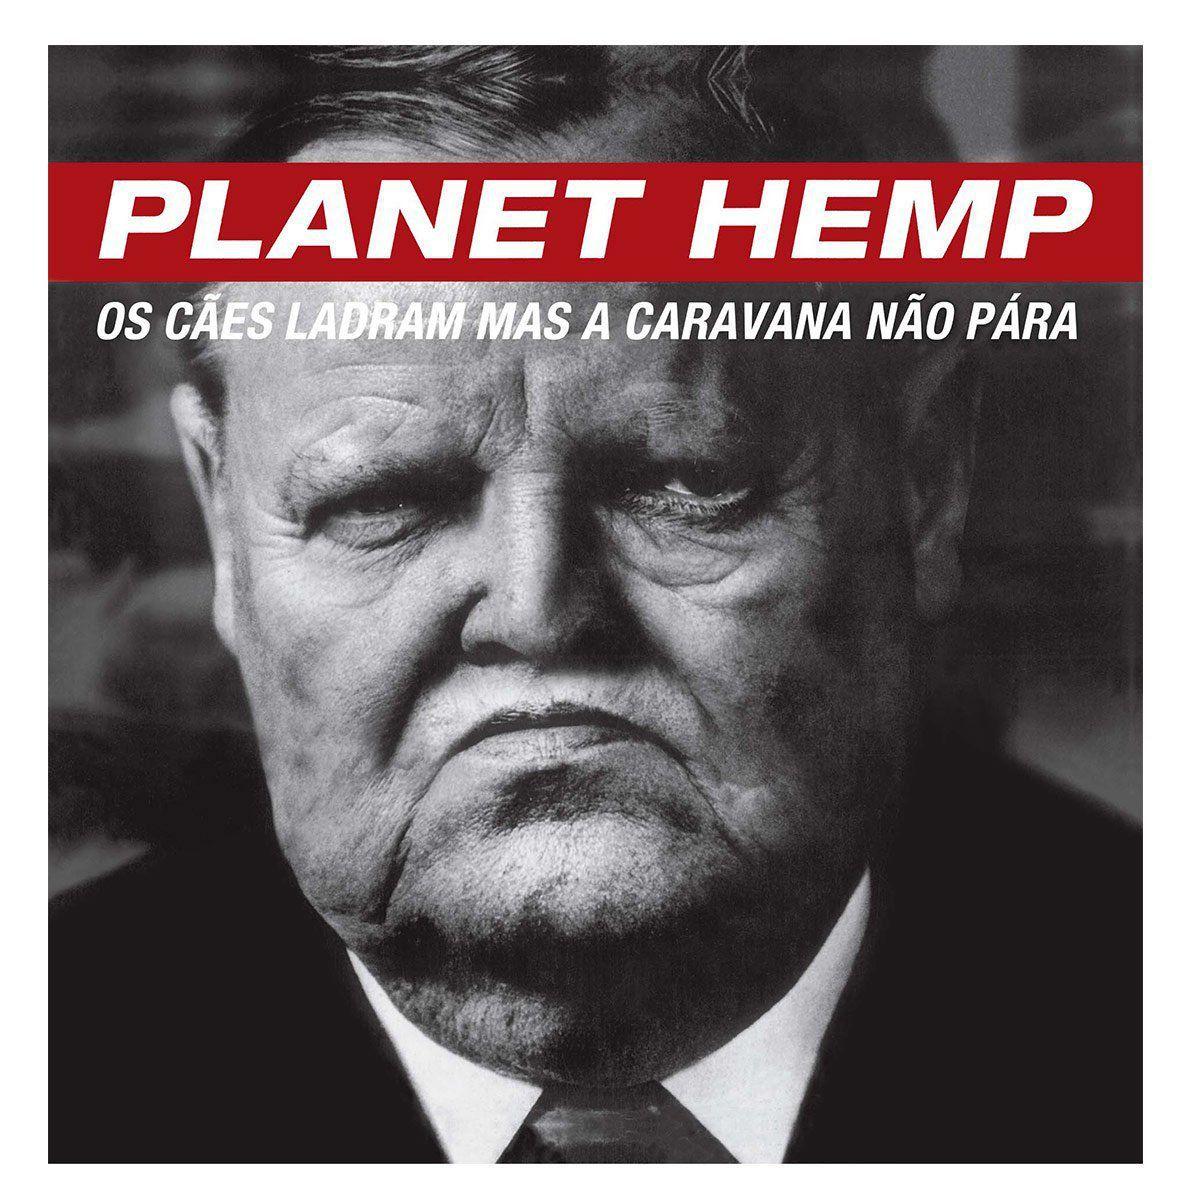 LP Planet Hemp Os Cães Ladram Mas a Caravana Não Para  - bandUP Store Marketplace